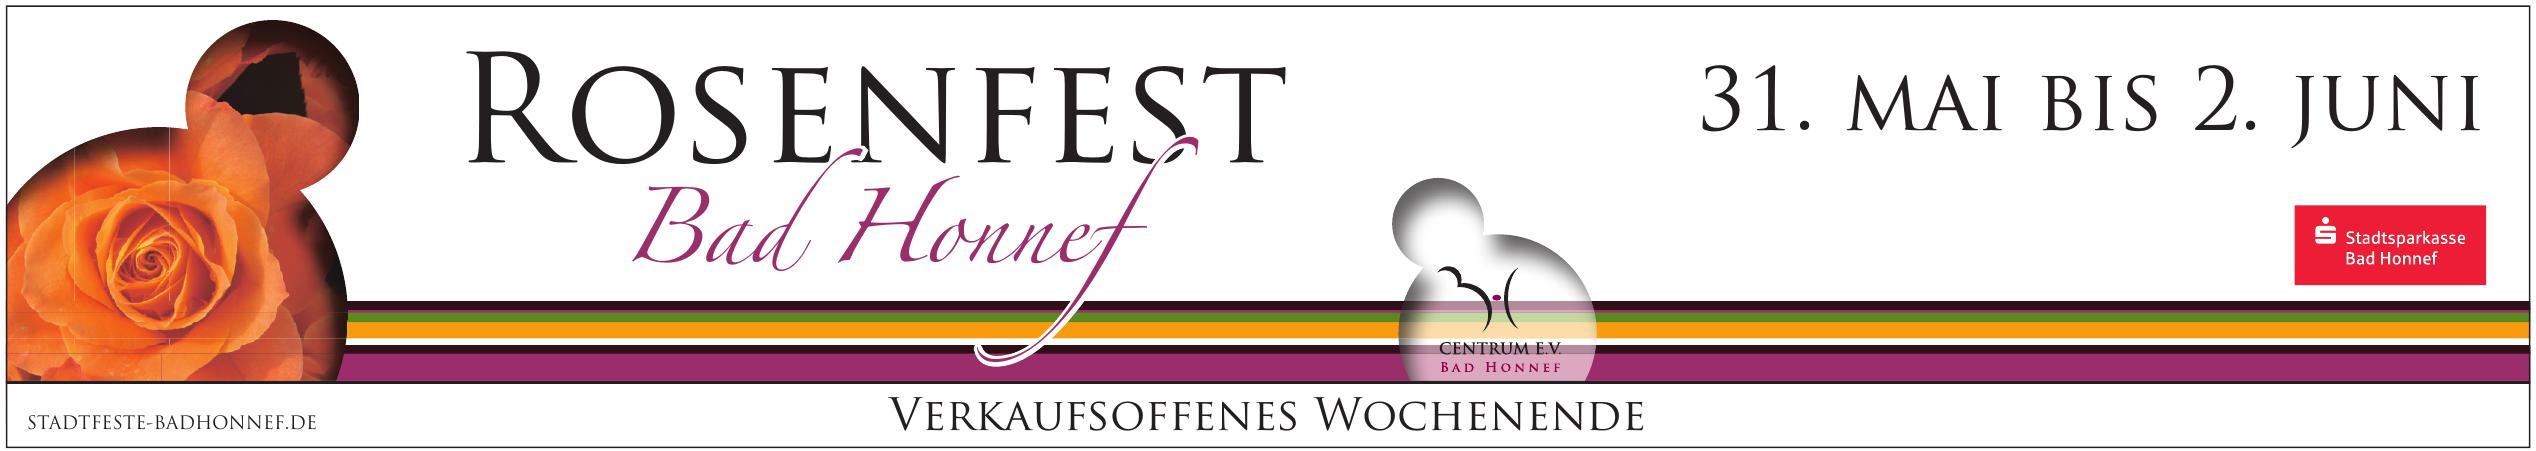 Rosenfest Bad Honnef